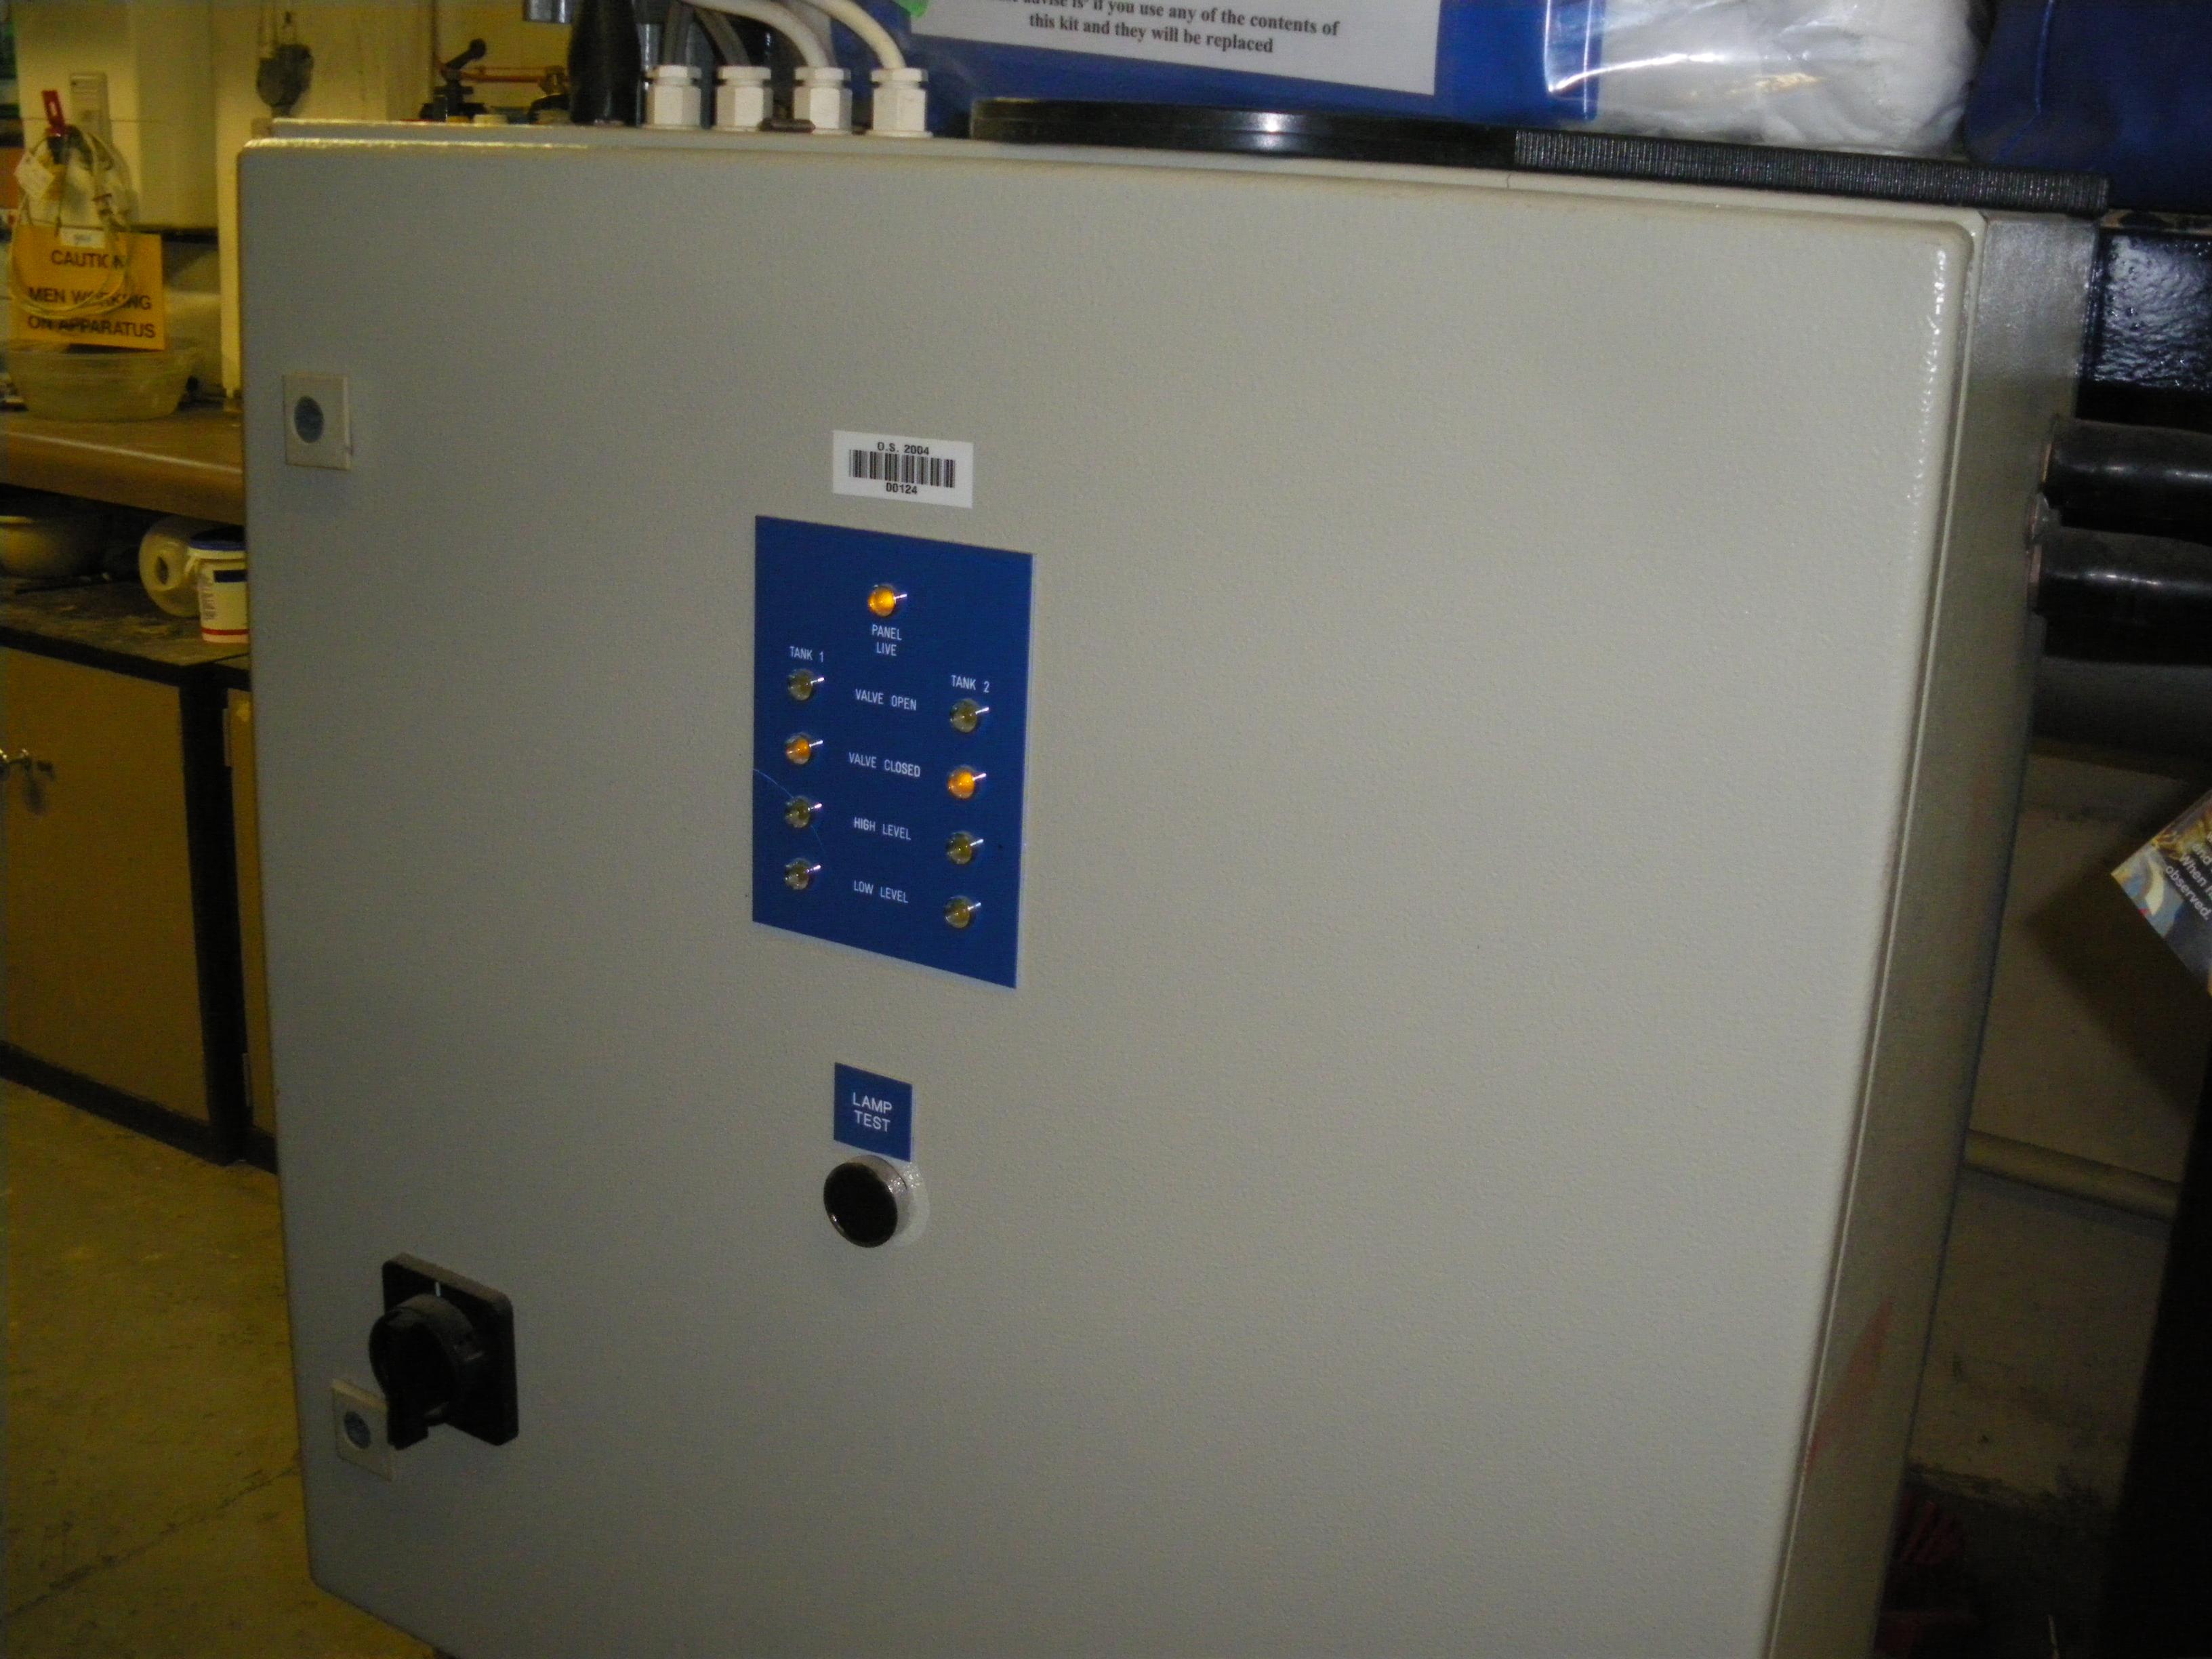 Top-up tank control panel